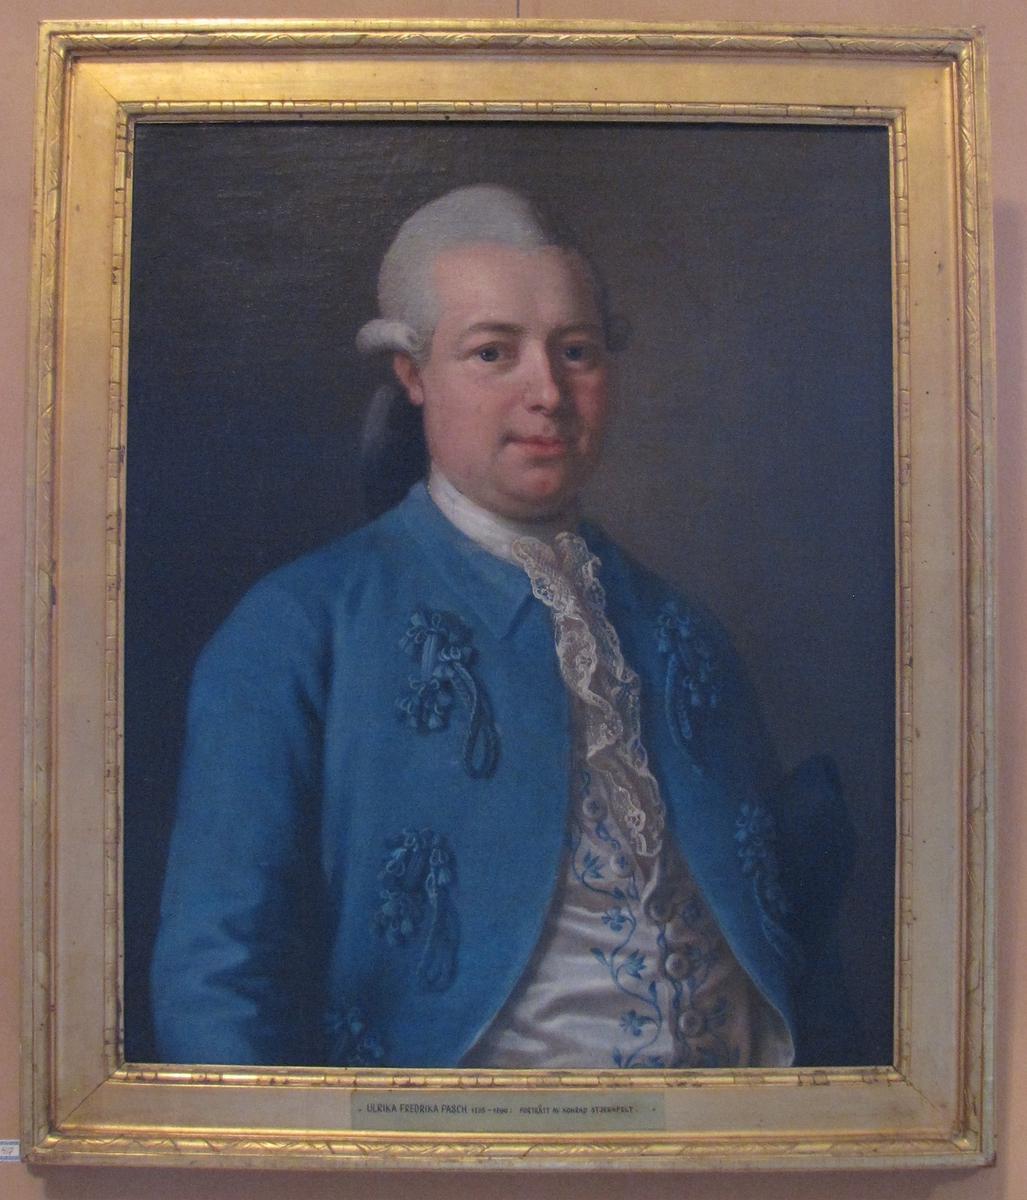 Porträtt av Konrad Stjernfeldt.